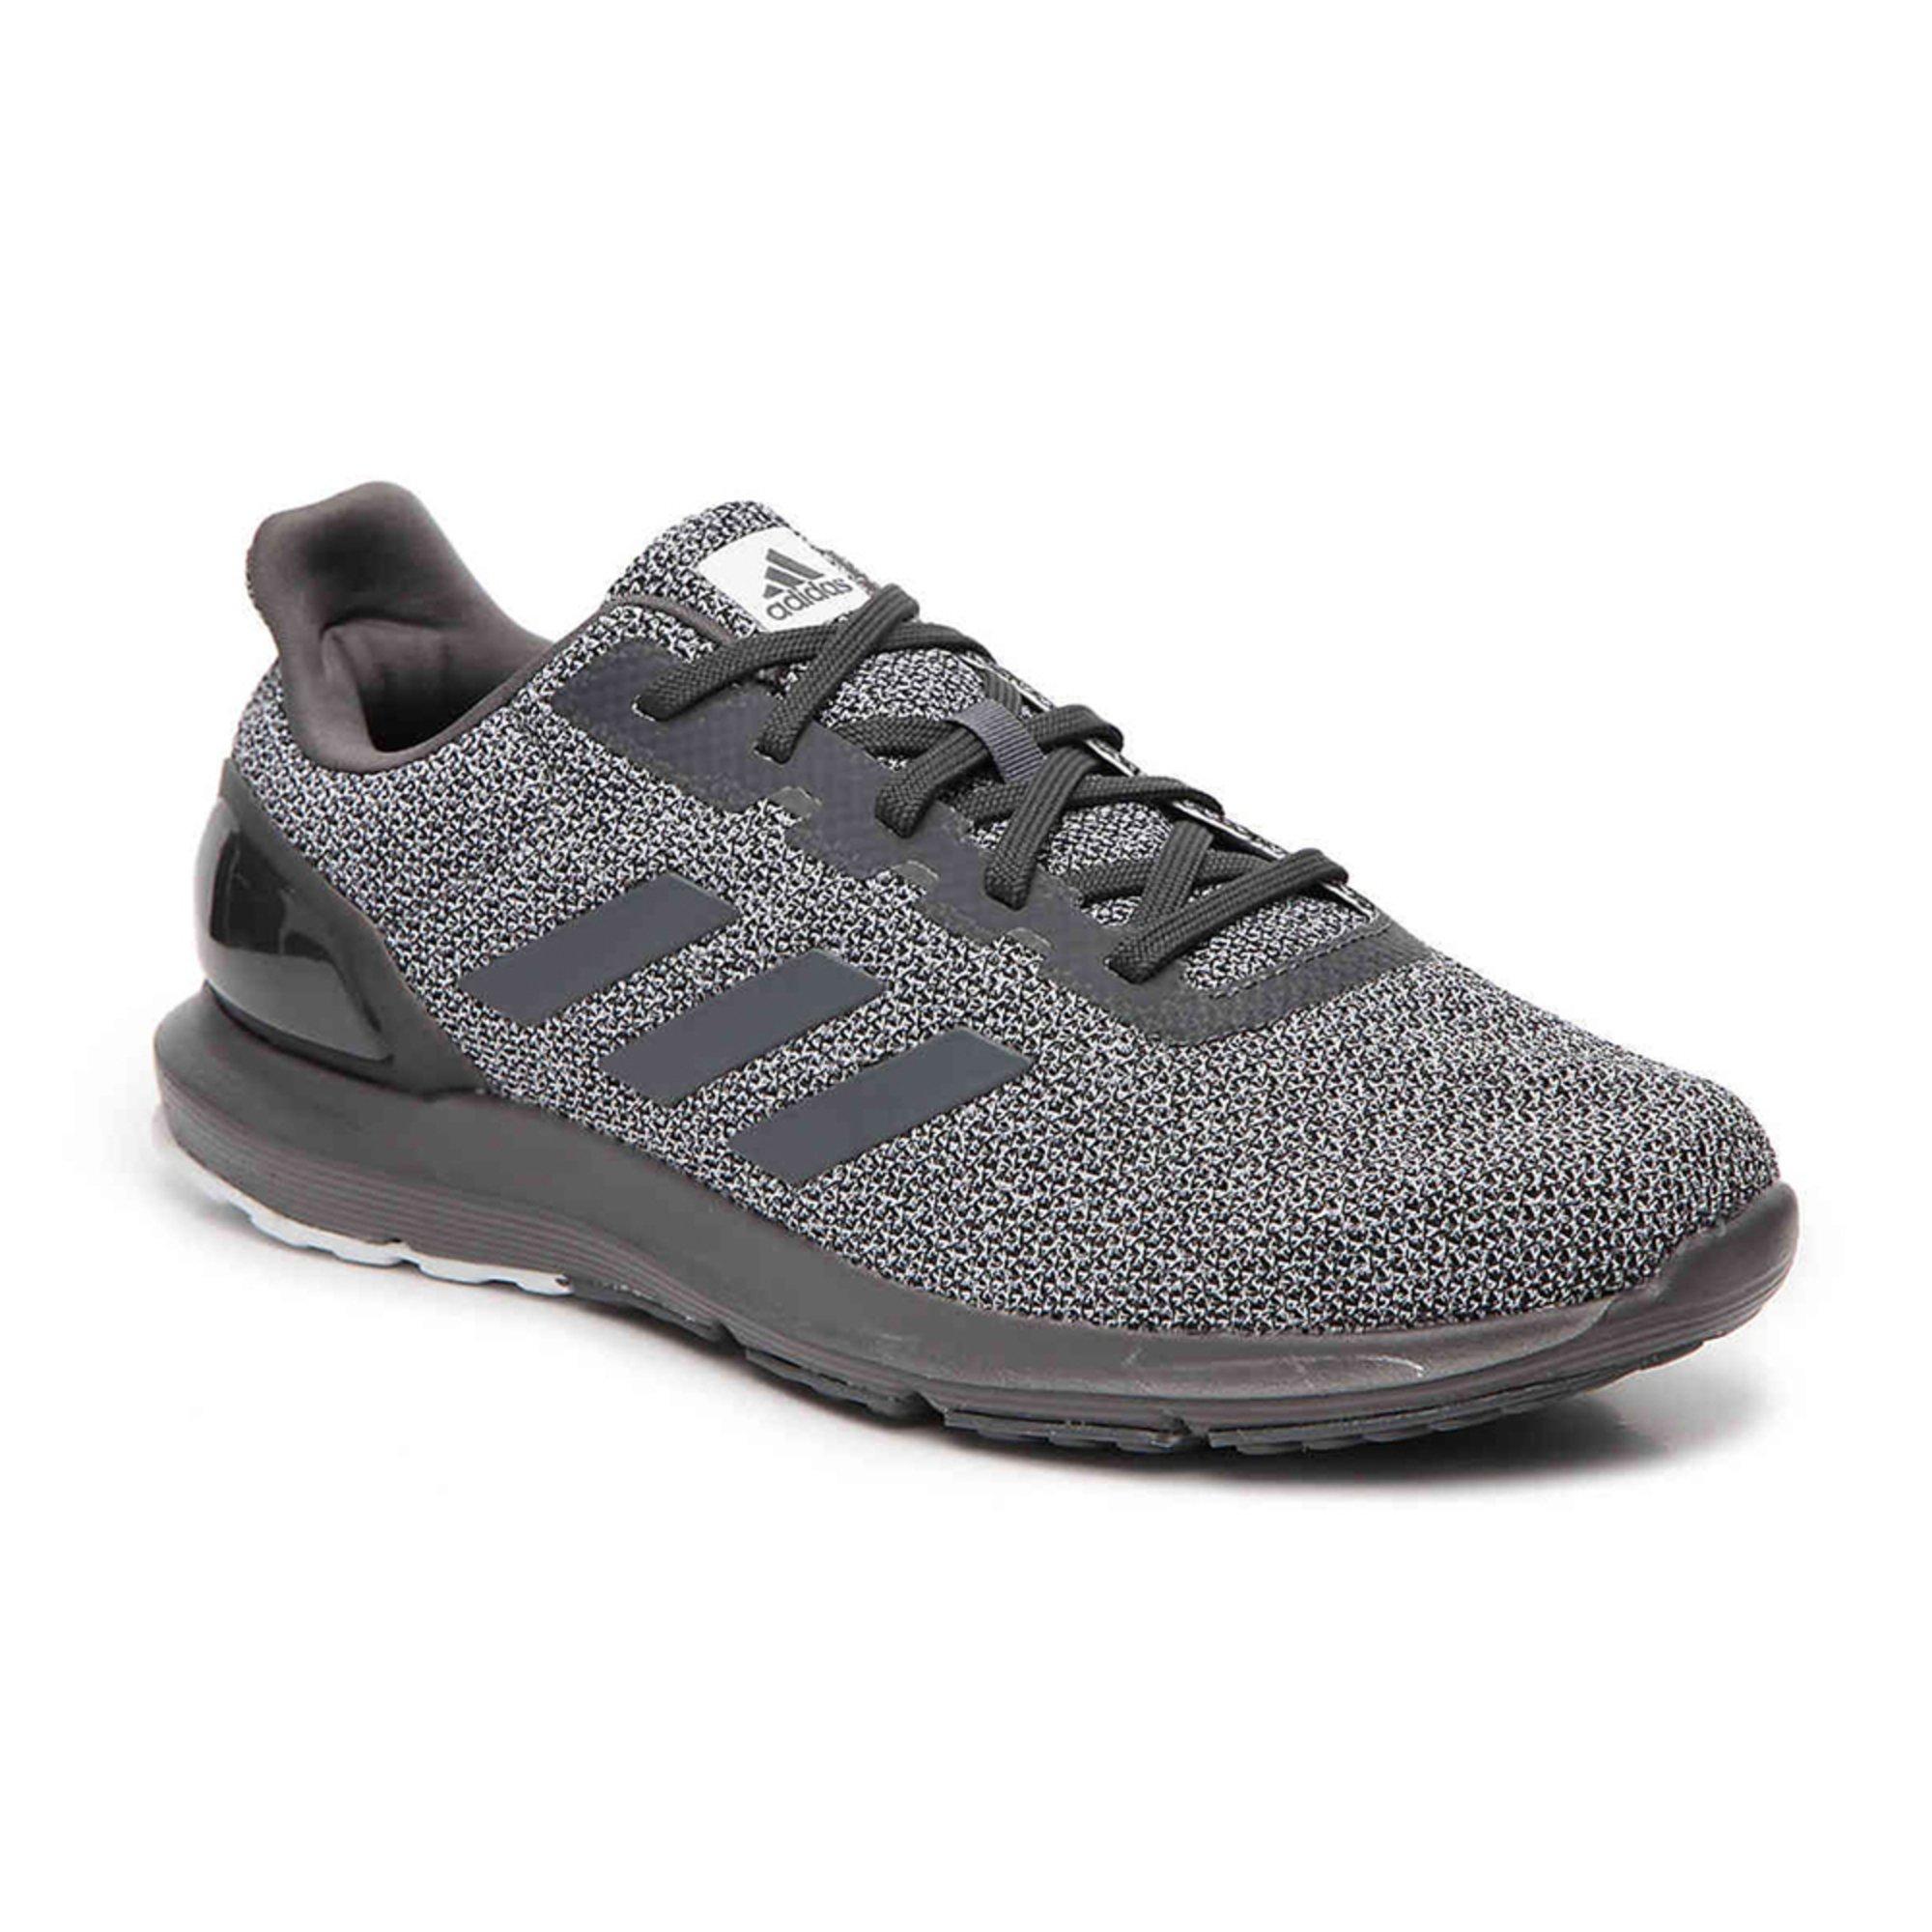 super popular 1f1b6 b8bc9 adidas. Adidas Men s Cosmic 2 SL Running Shoe